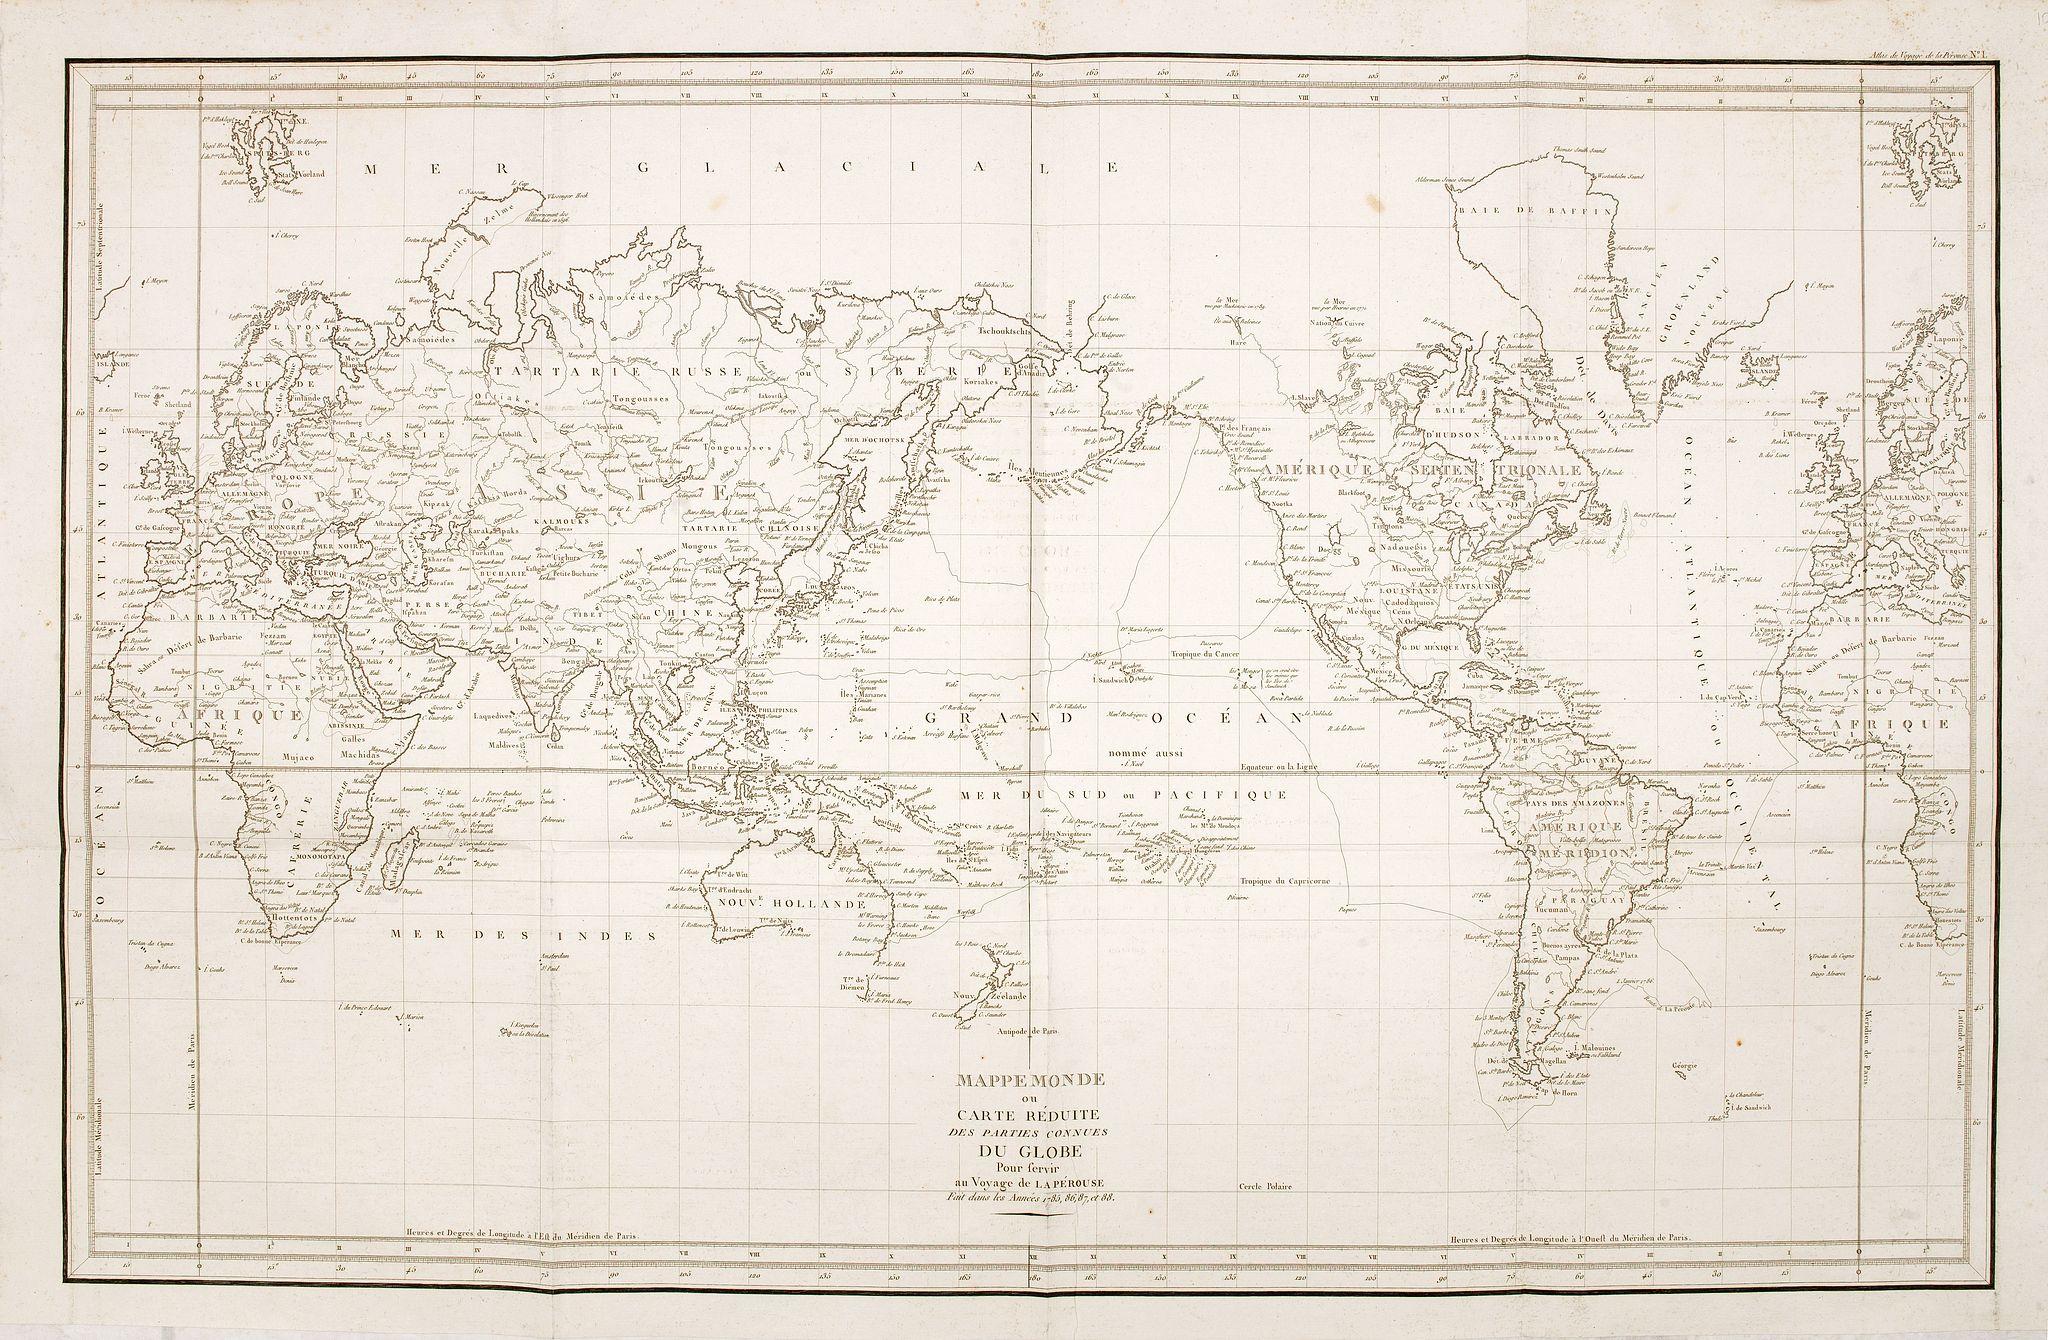 LA PEROUSE, J-F. de -  Mappemonde ou carte réduite des parties connues du globe.